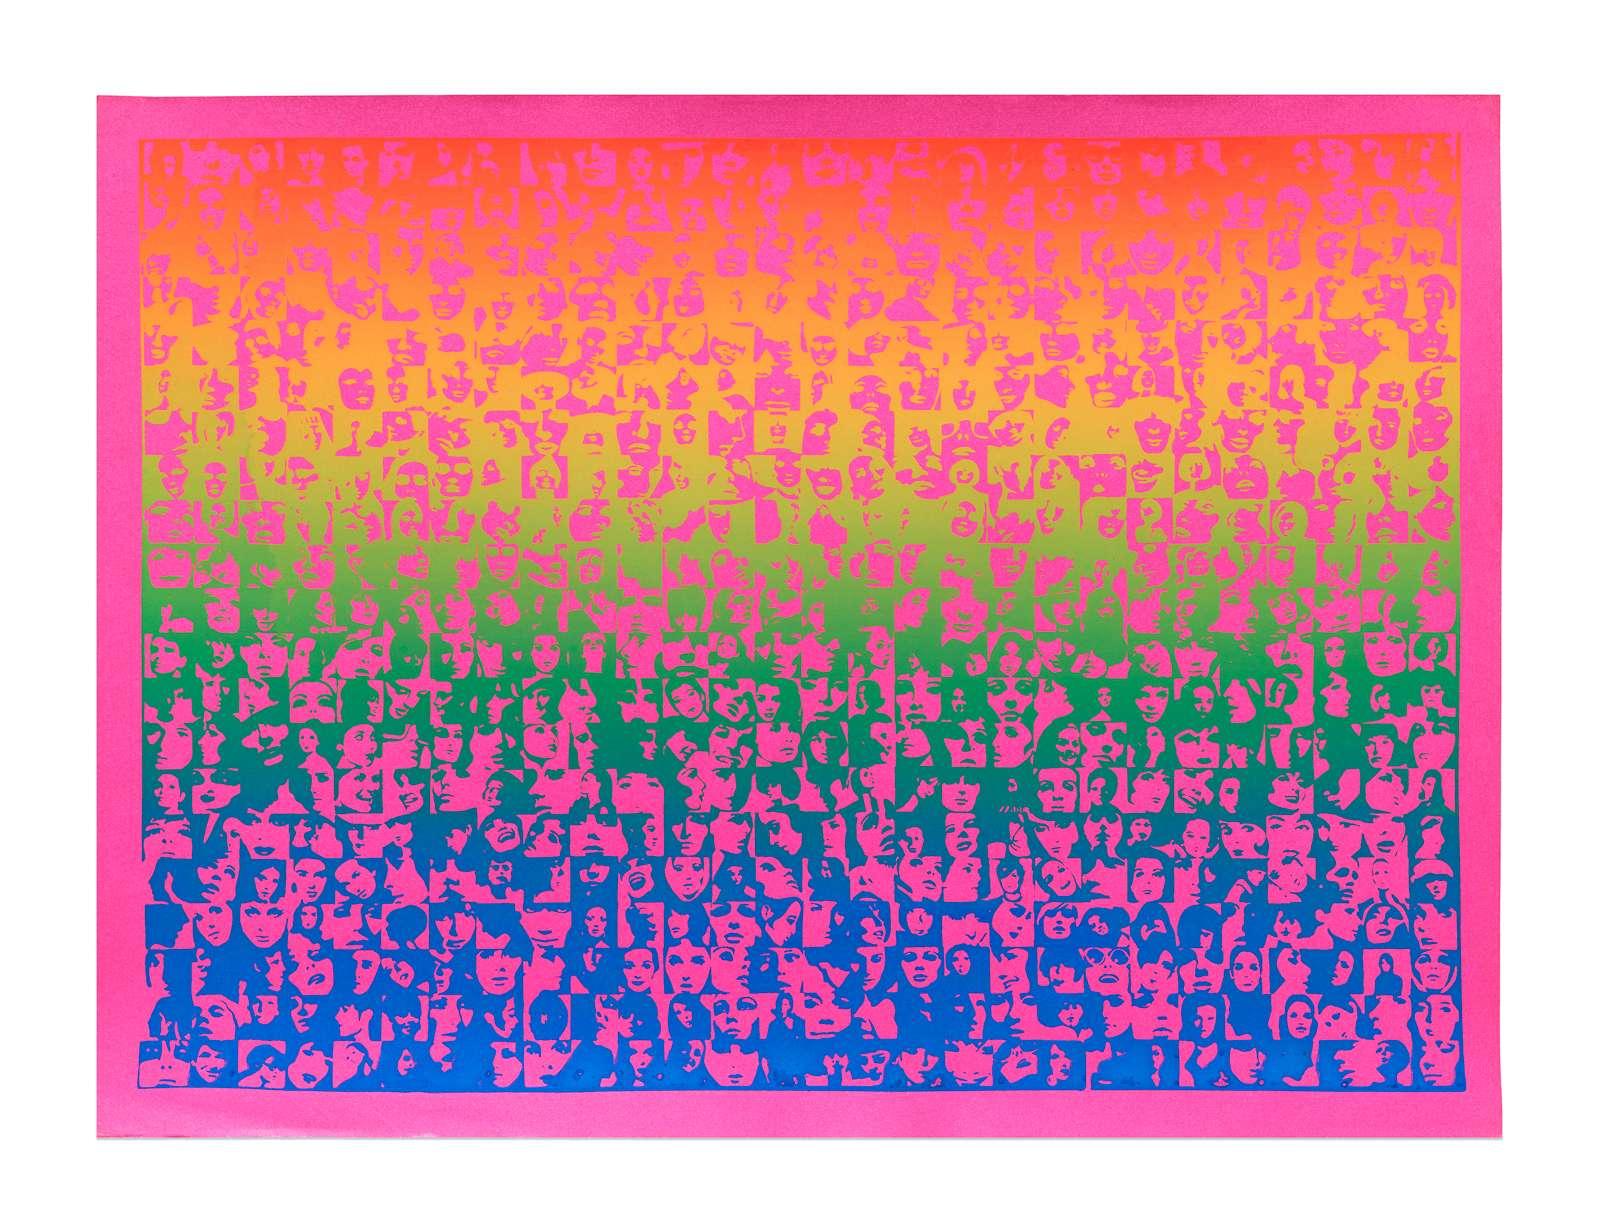 Roman Cieslewicz, Harem, 1968 Sérigraphie24.2 x 32.8 cm / 9 1/2 x 12 7/8 inches